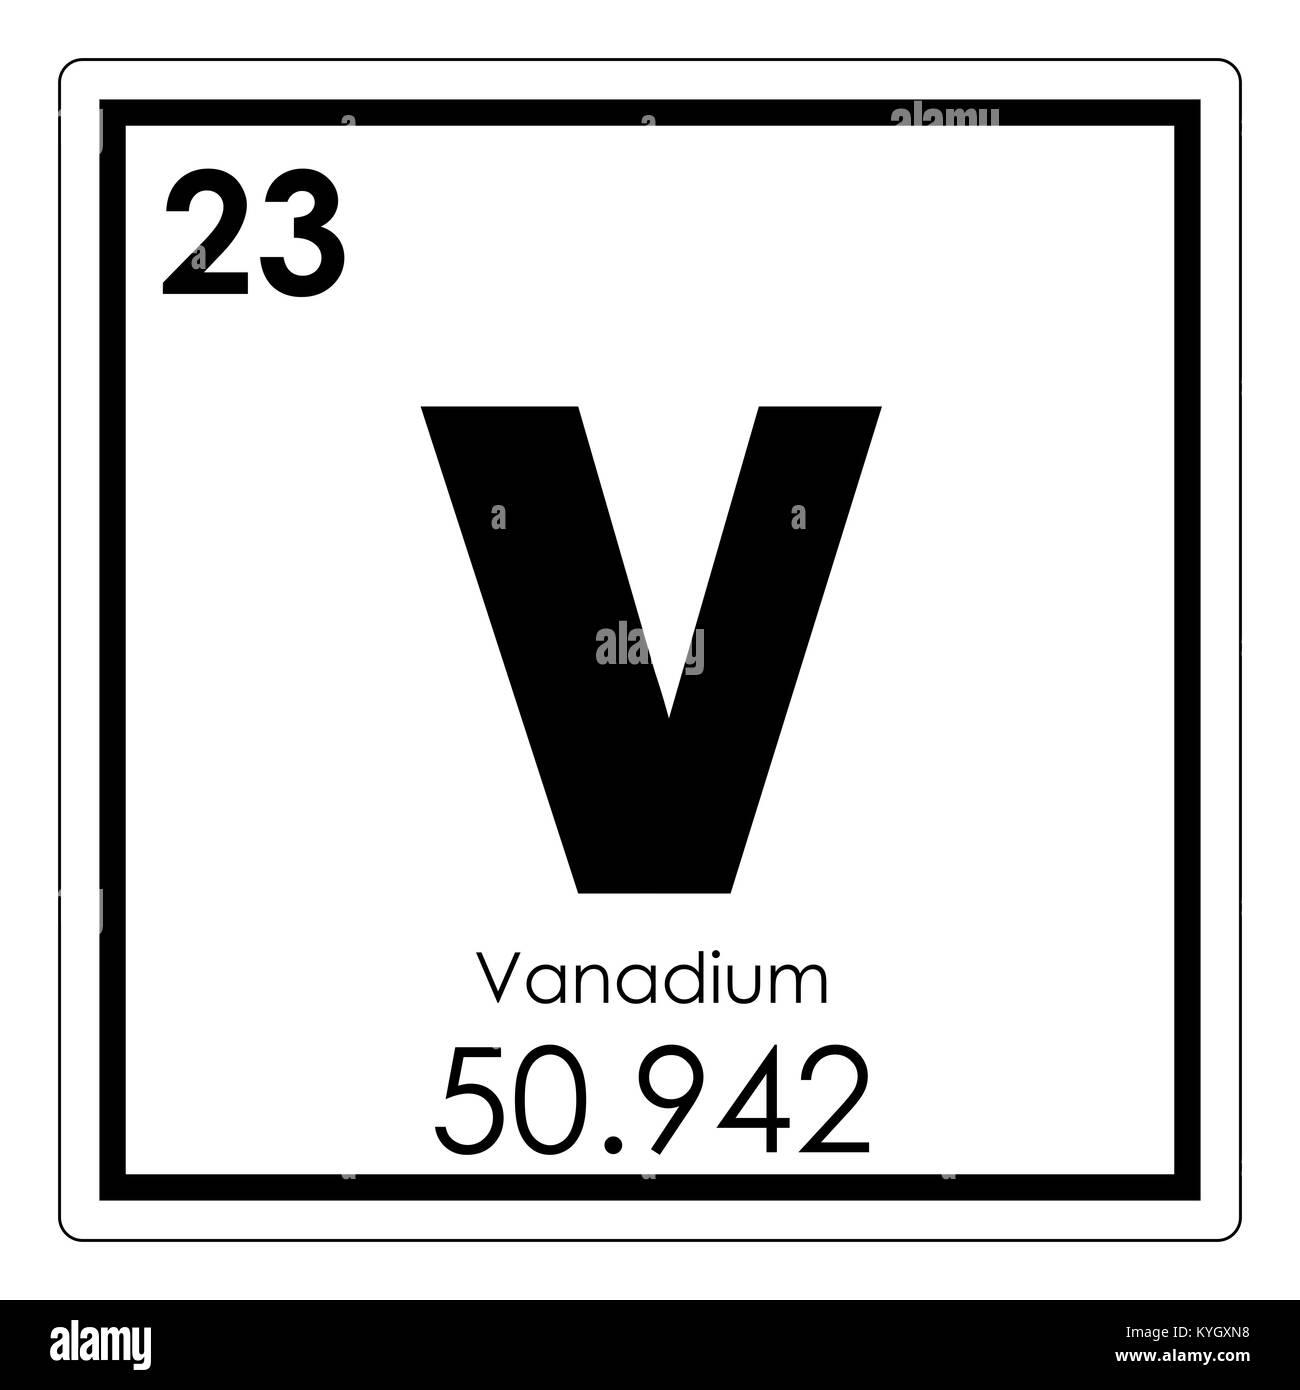 Tabla peridica de elementos qumicos de vanadio smbolo de la tabla peridica de elementos qumicos de vanadio smbolo de la ciencia urtaz Image collections